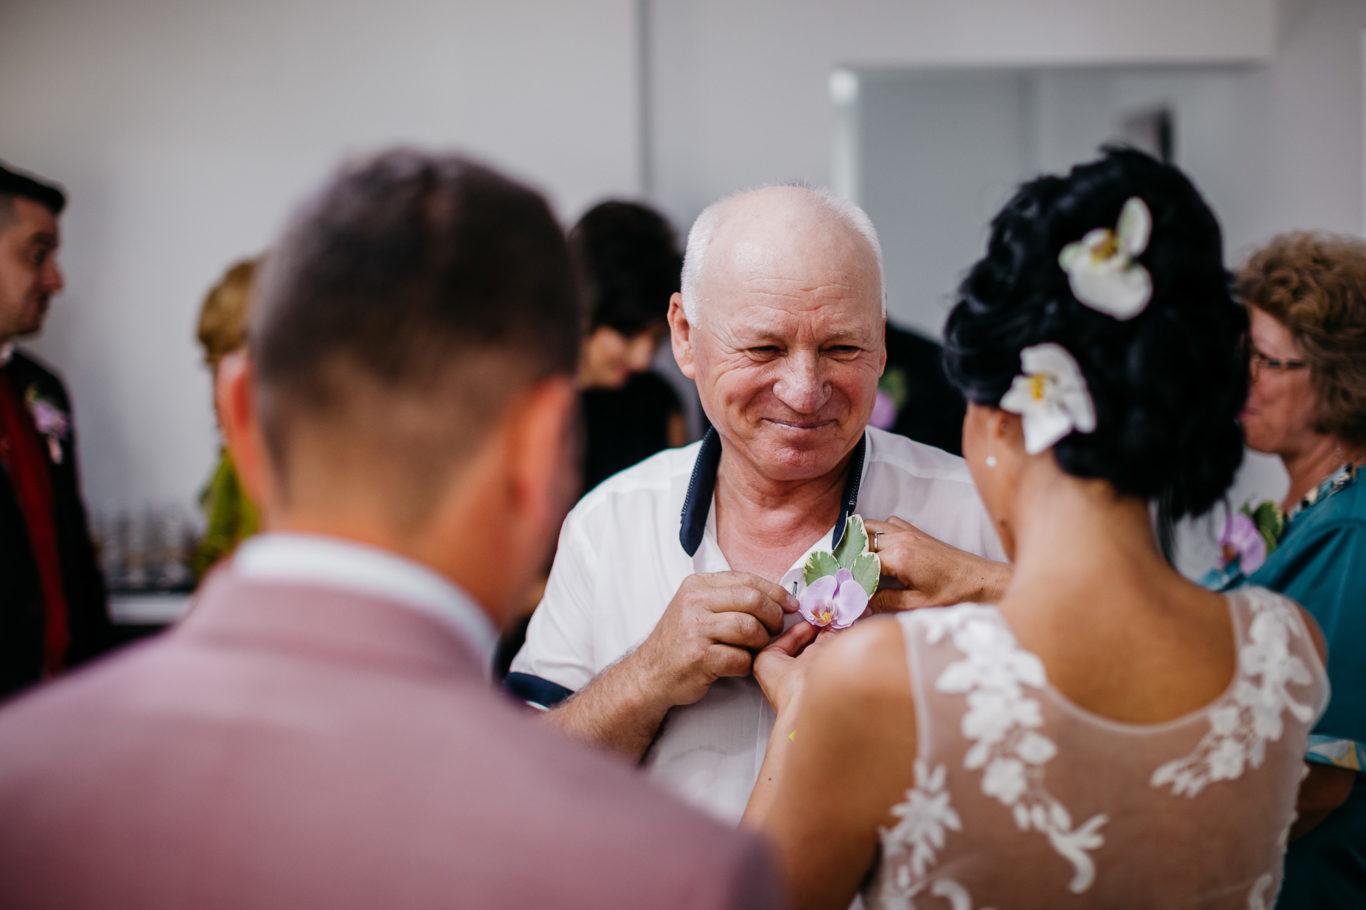 0062-fotografie-nunta-valea-de-pesti-vero-dani-fotograf-ciprian-dumitrescu-cd2_0295